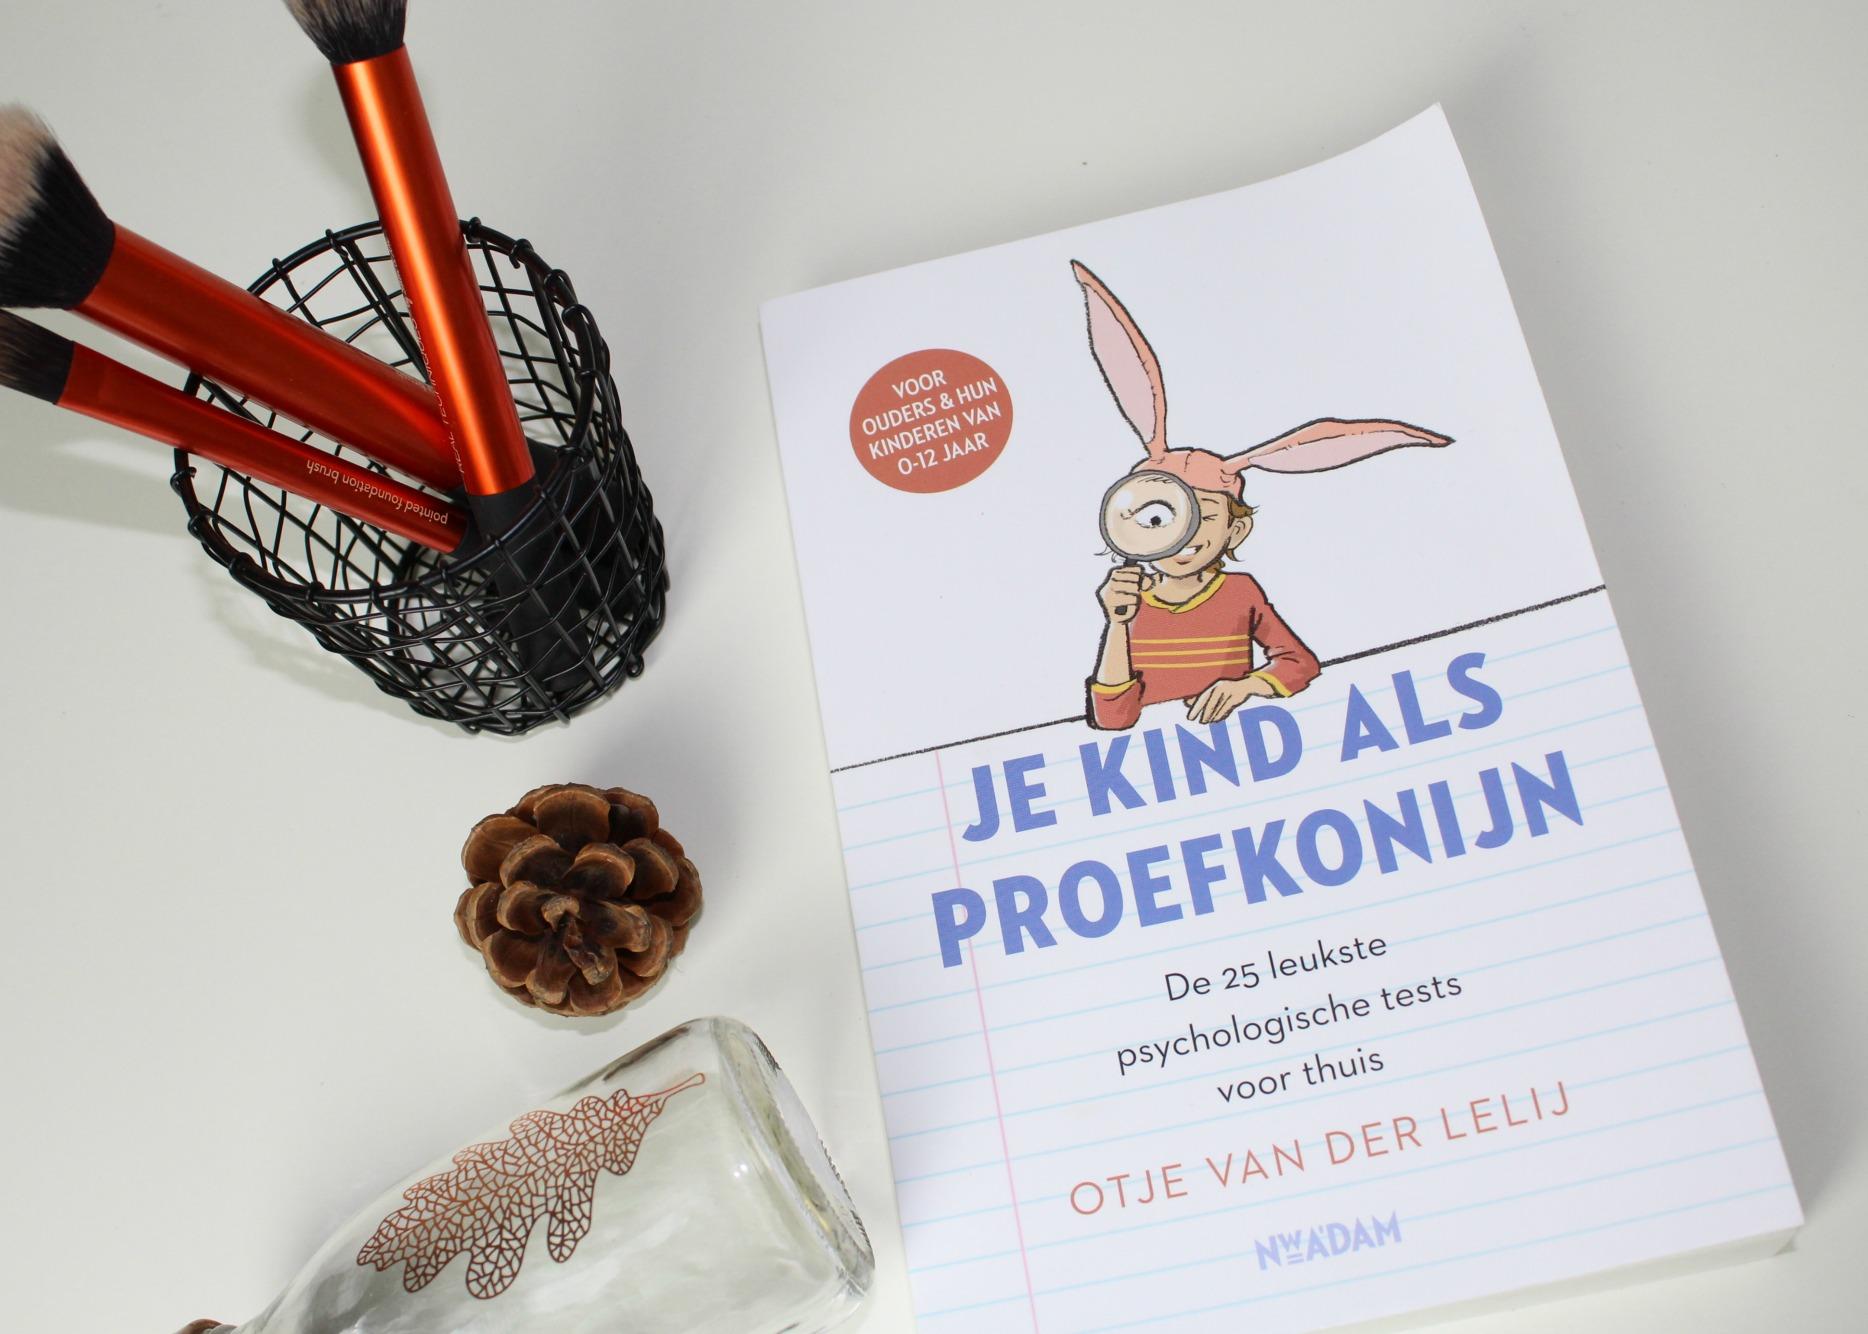 je-kind-als-proefkonijn_otje-van-der-lelij_goodgirlscompany